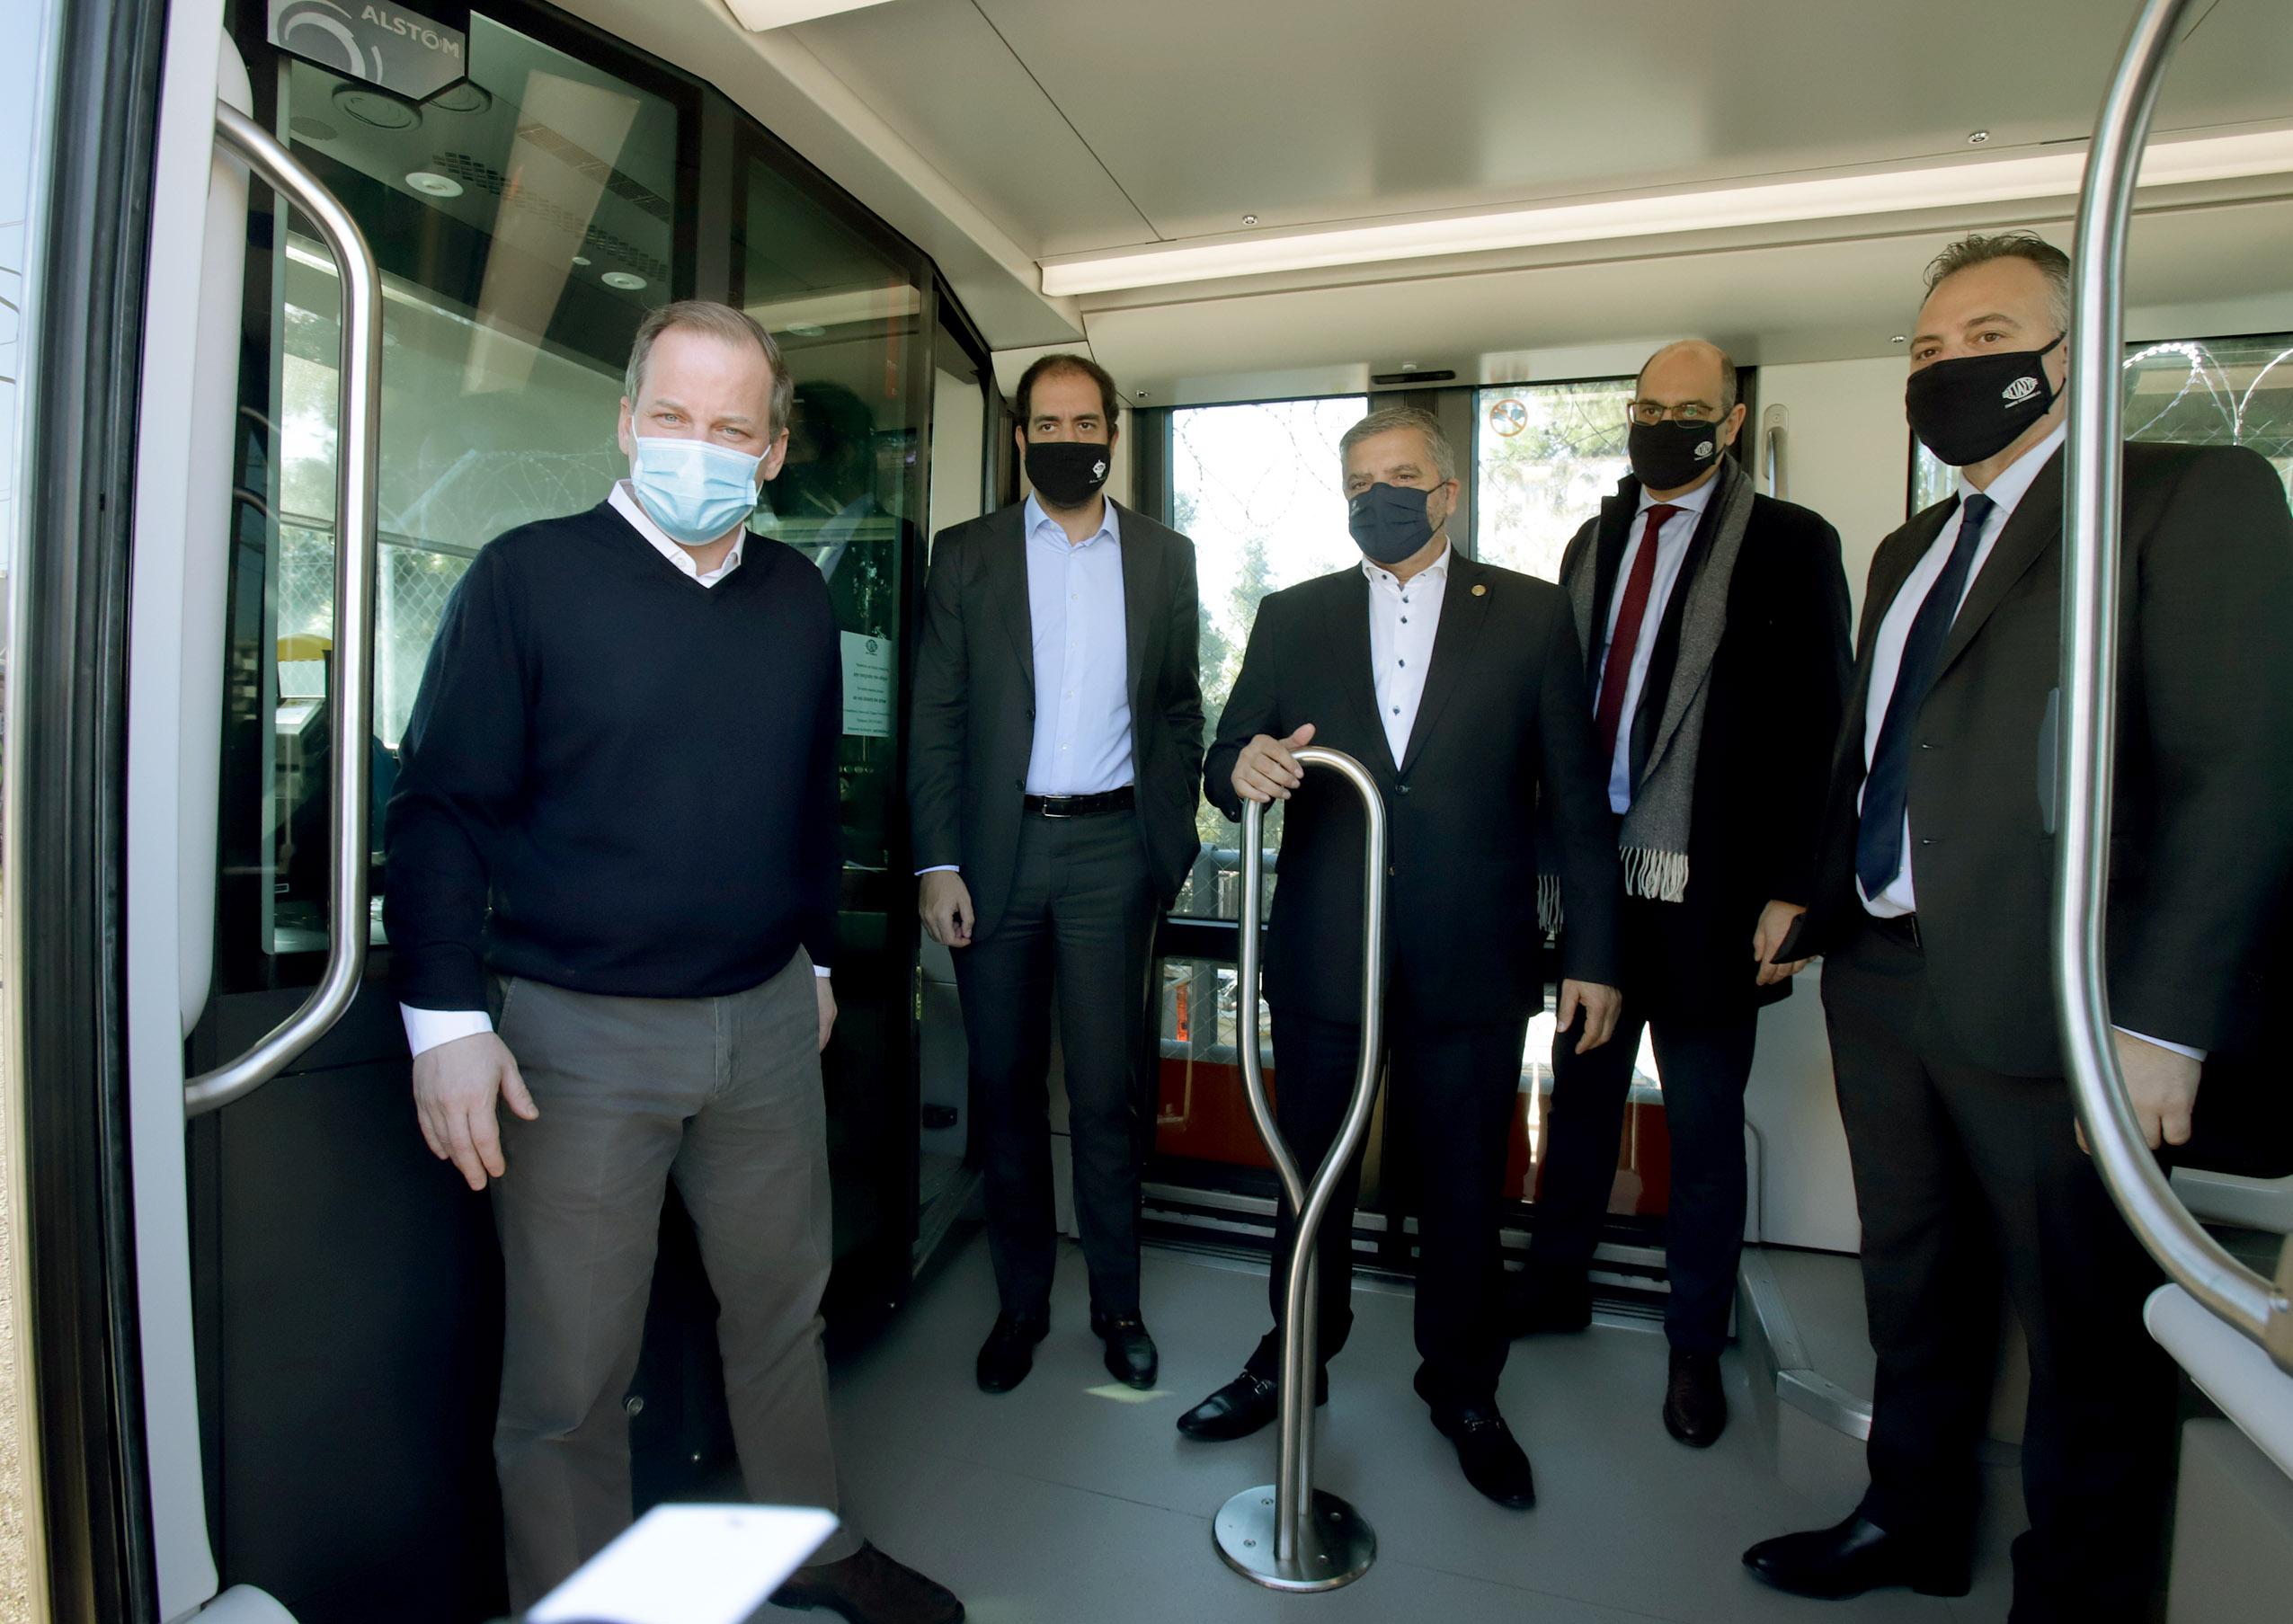 Καραμανλής: Το Τραμ επέστρεψε στο ΣΕΦ, προχωράμε την επέκταση προς Πειραιά (pics)